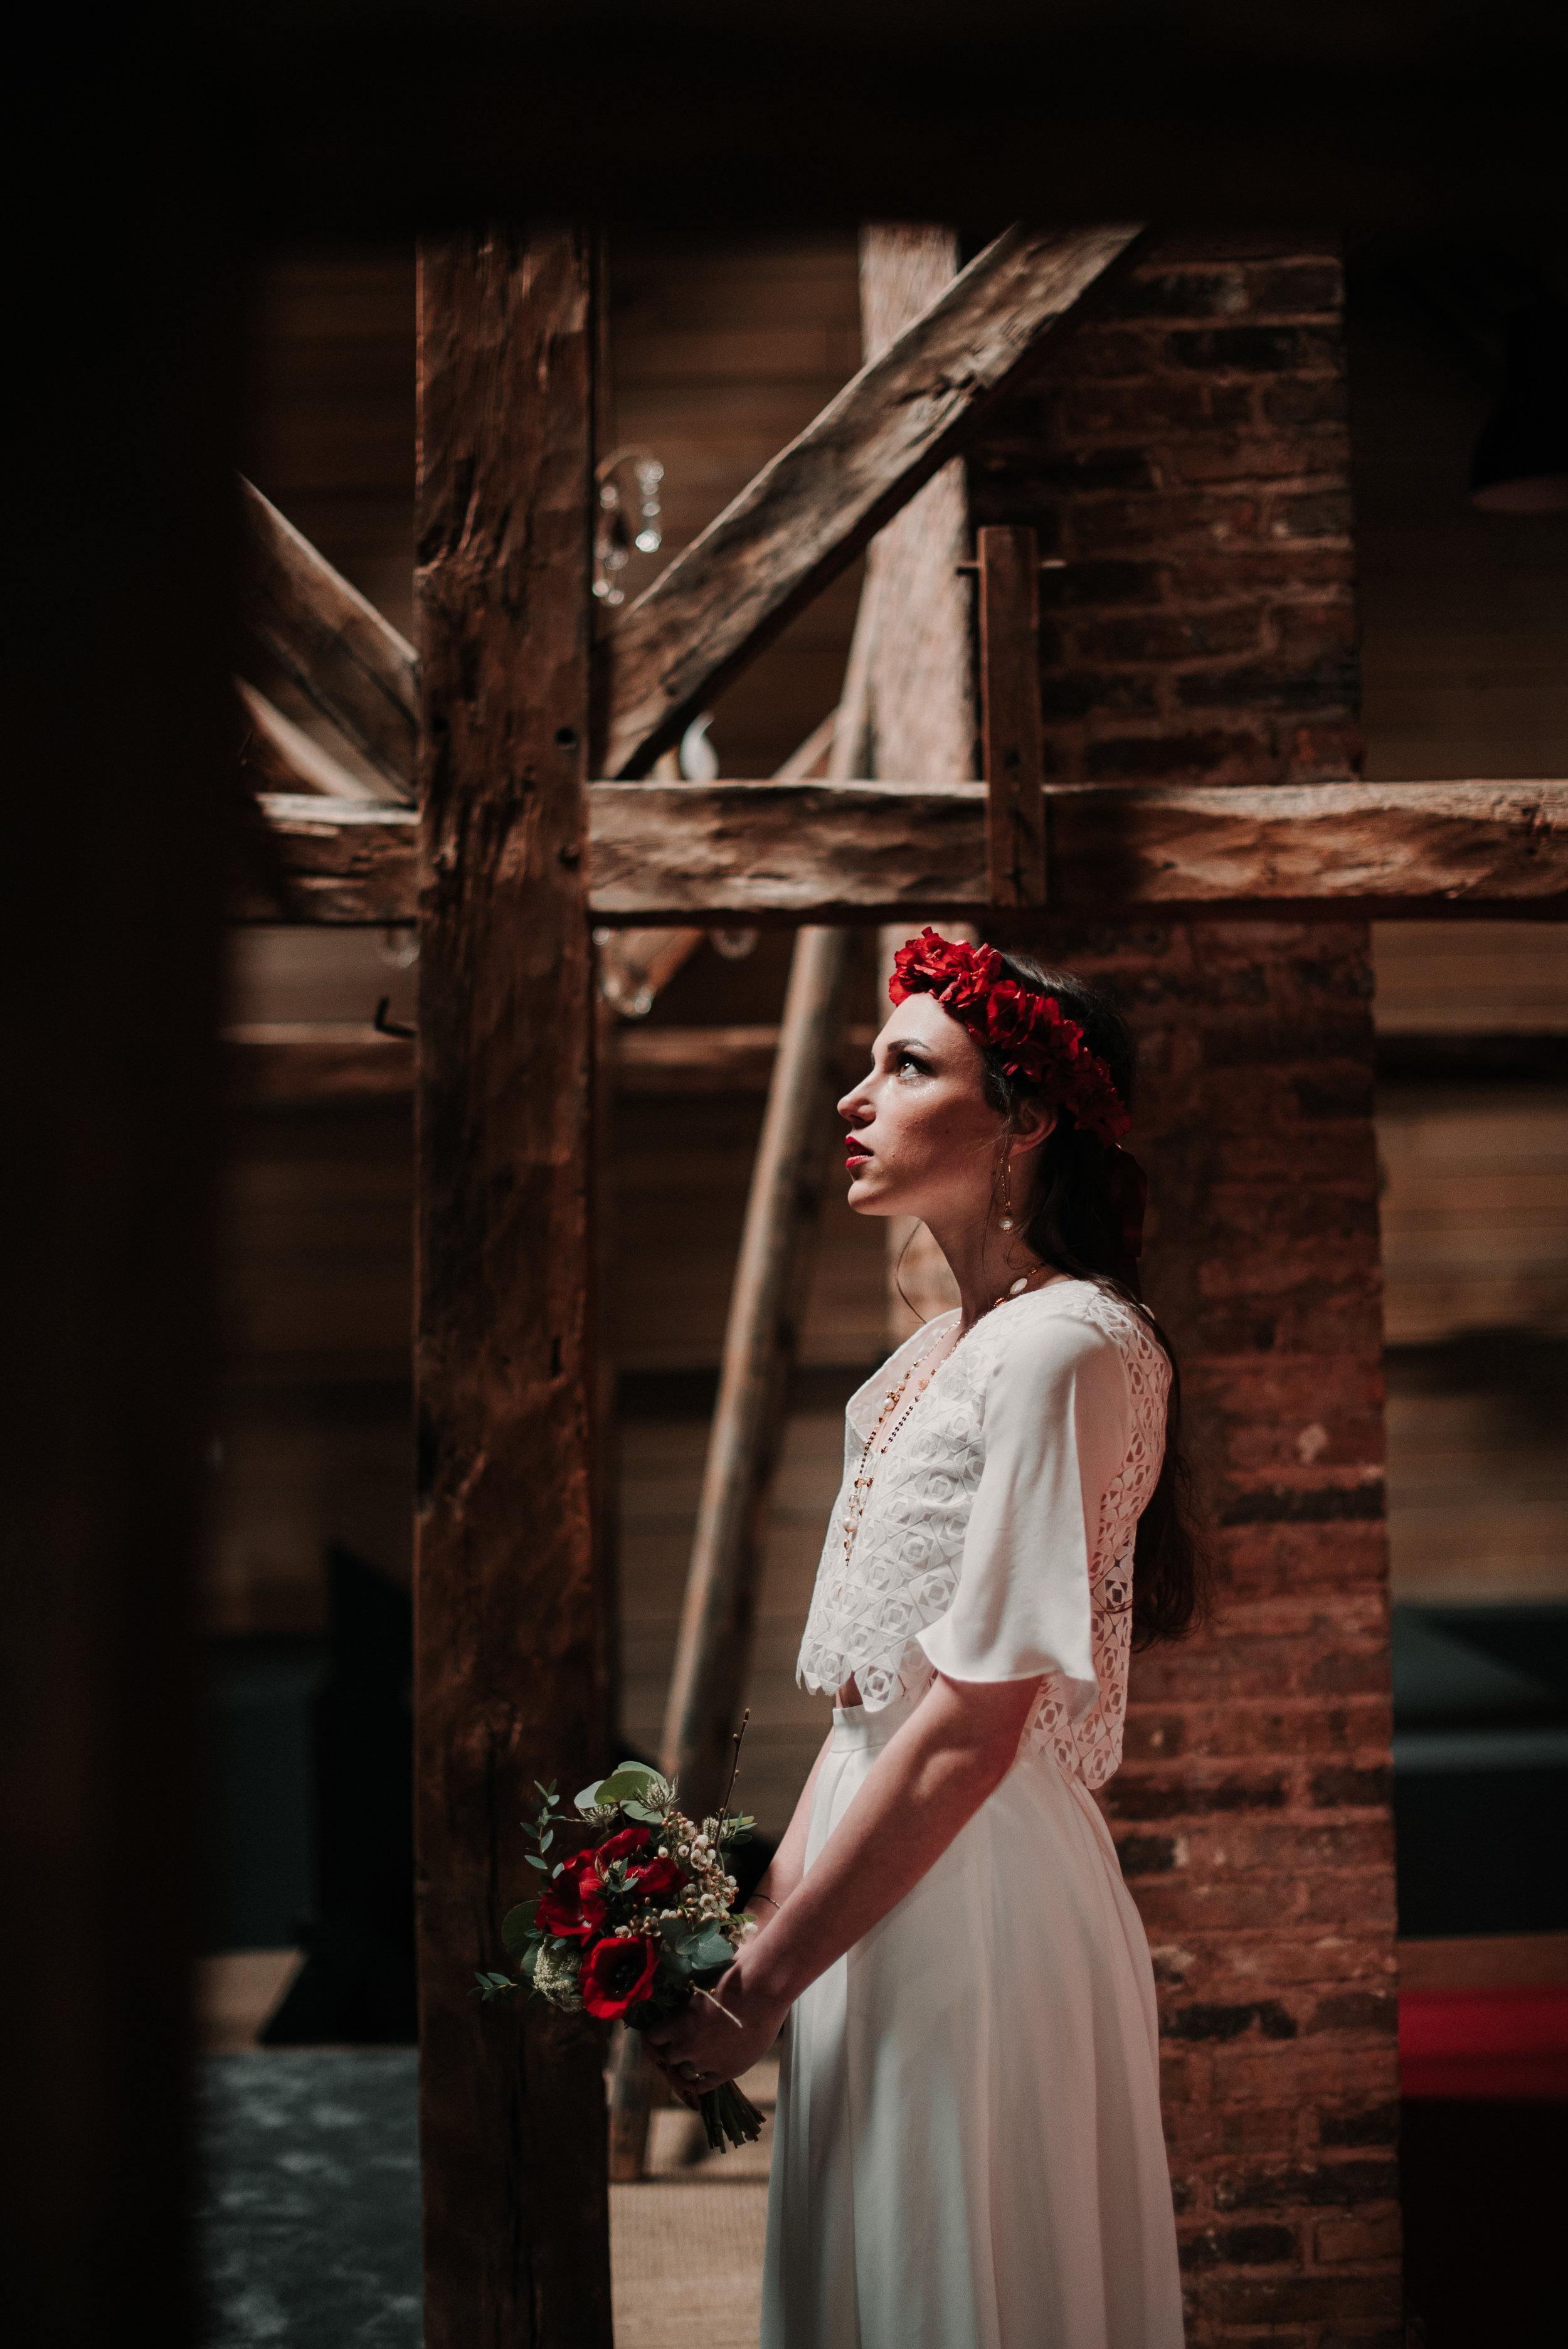 Léa-Fery-photographe-professionnel-lyon-rhone-alpes-portrait-creation-mariage-evenement-evenementiel-famille-3203.jpg